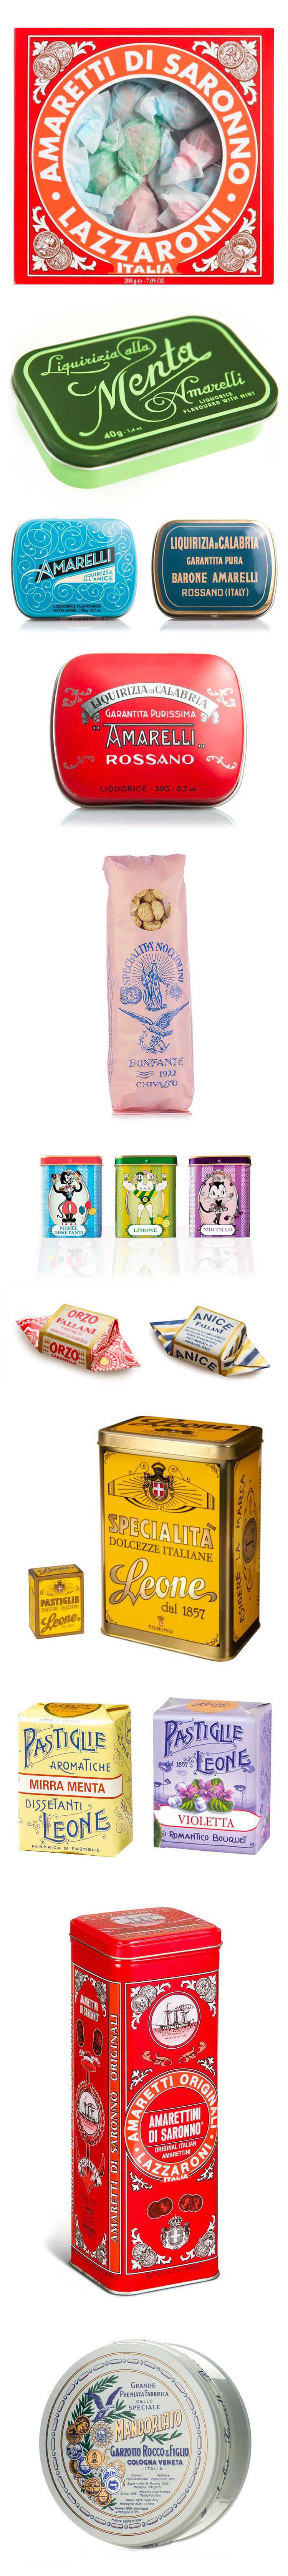 Italian_Sweets_@förpackad